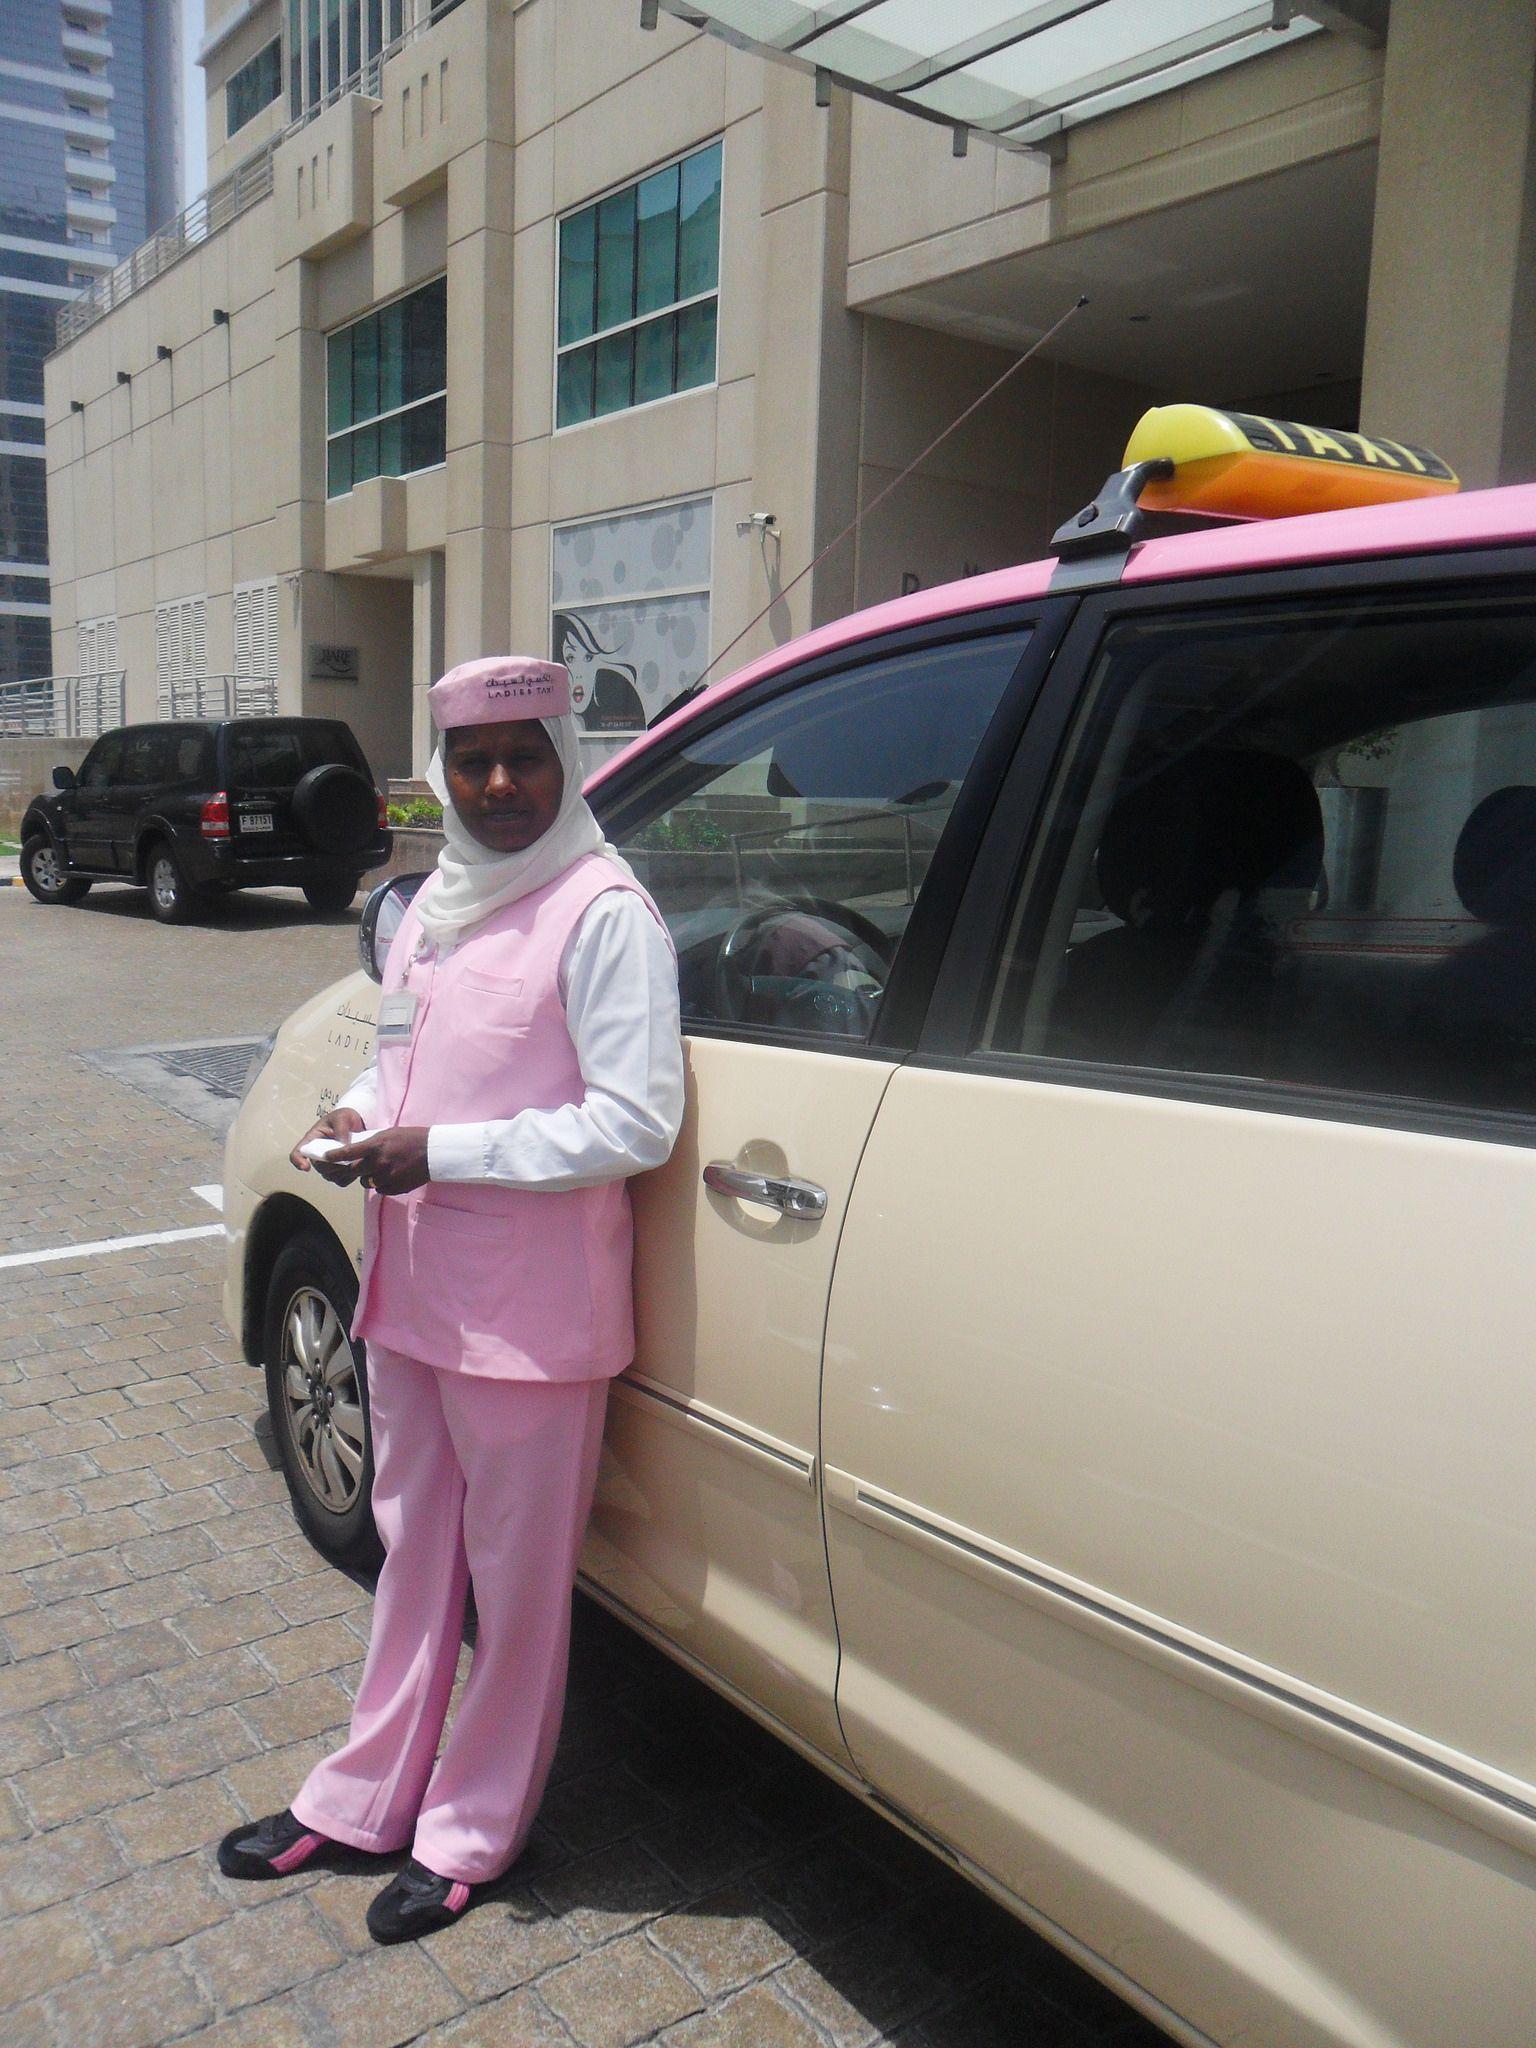 Female Taxi Driver In Dubai In 2020 Taxi Driver Cab Driver Female